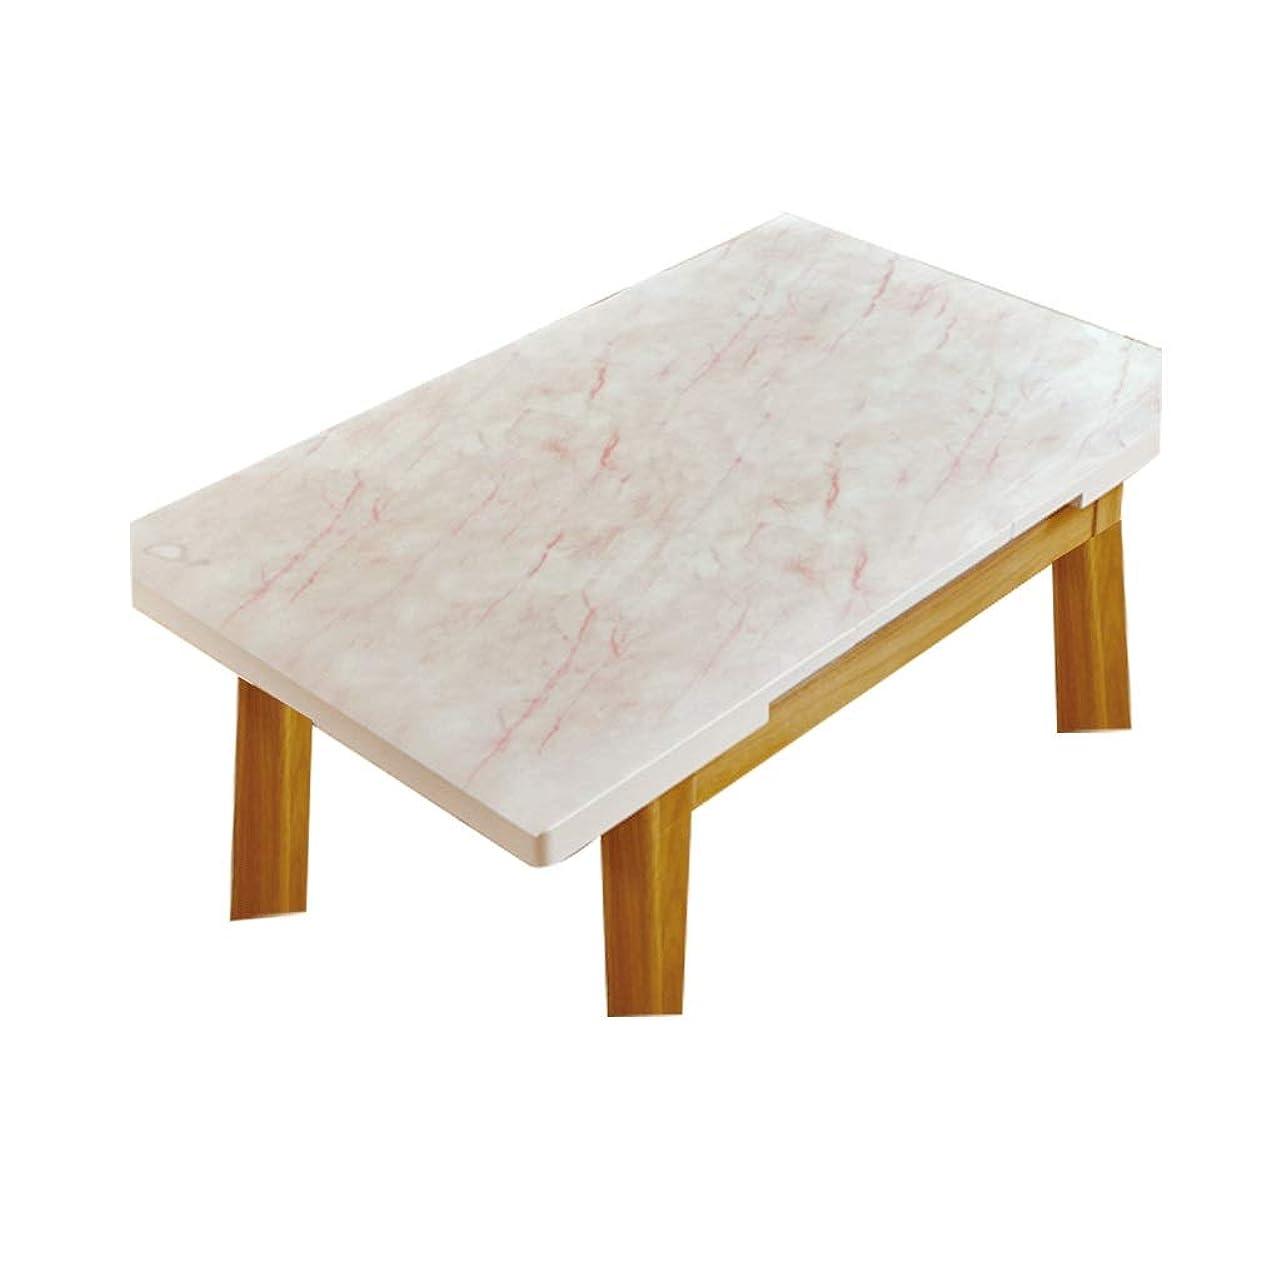 リストロードハウス岩LIGONG レストランのデスクトップカバー大理石の質感PVCソフトプラスチックガラステーブルマットテーブルクロスに適しテーブルコーヒーテーブルサイズ (サイズ さいず : 90*90センチメートル)